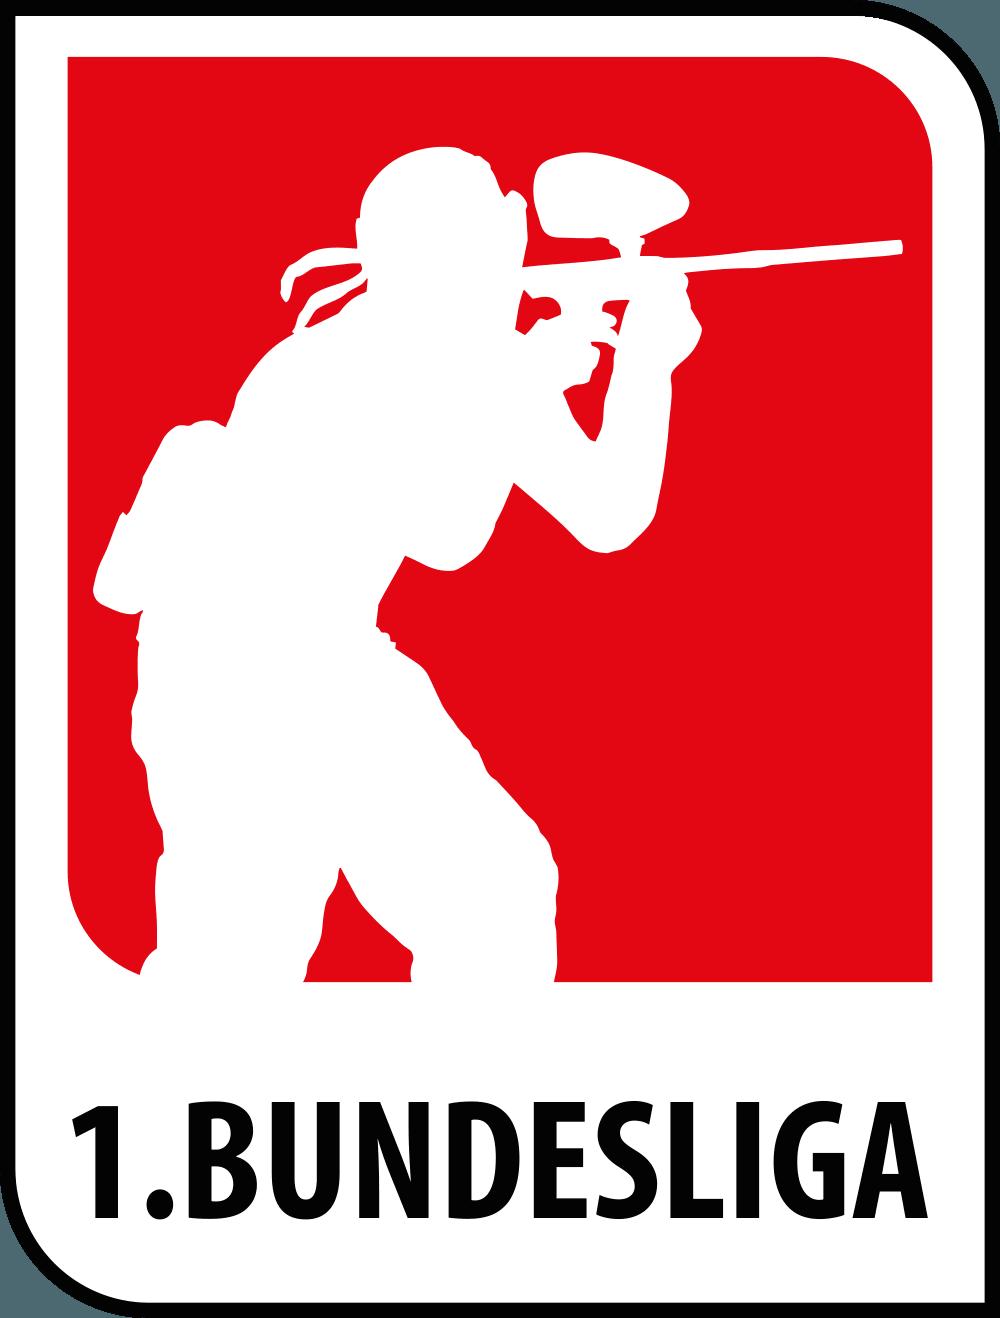 Tabelle begegnungen 1 bundesliga 2016 5 spieler for 1 tabelle bundesliga